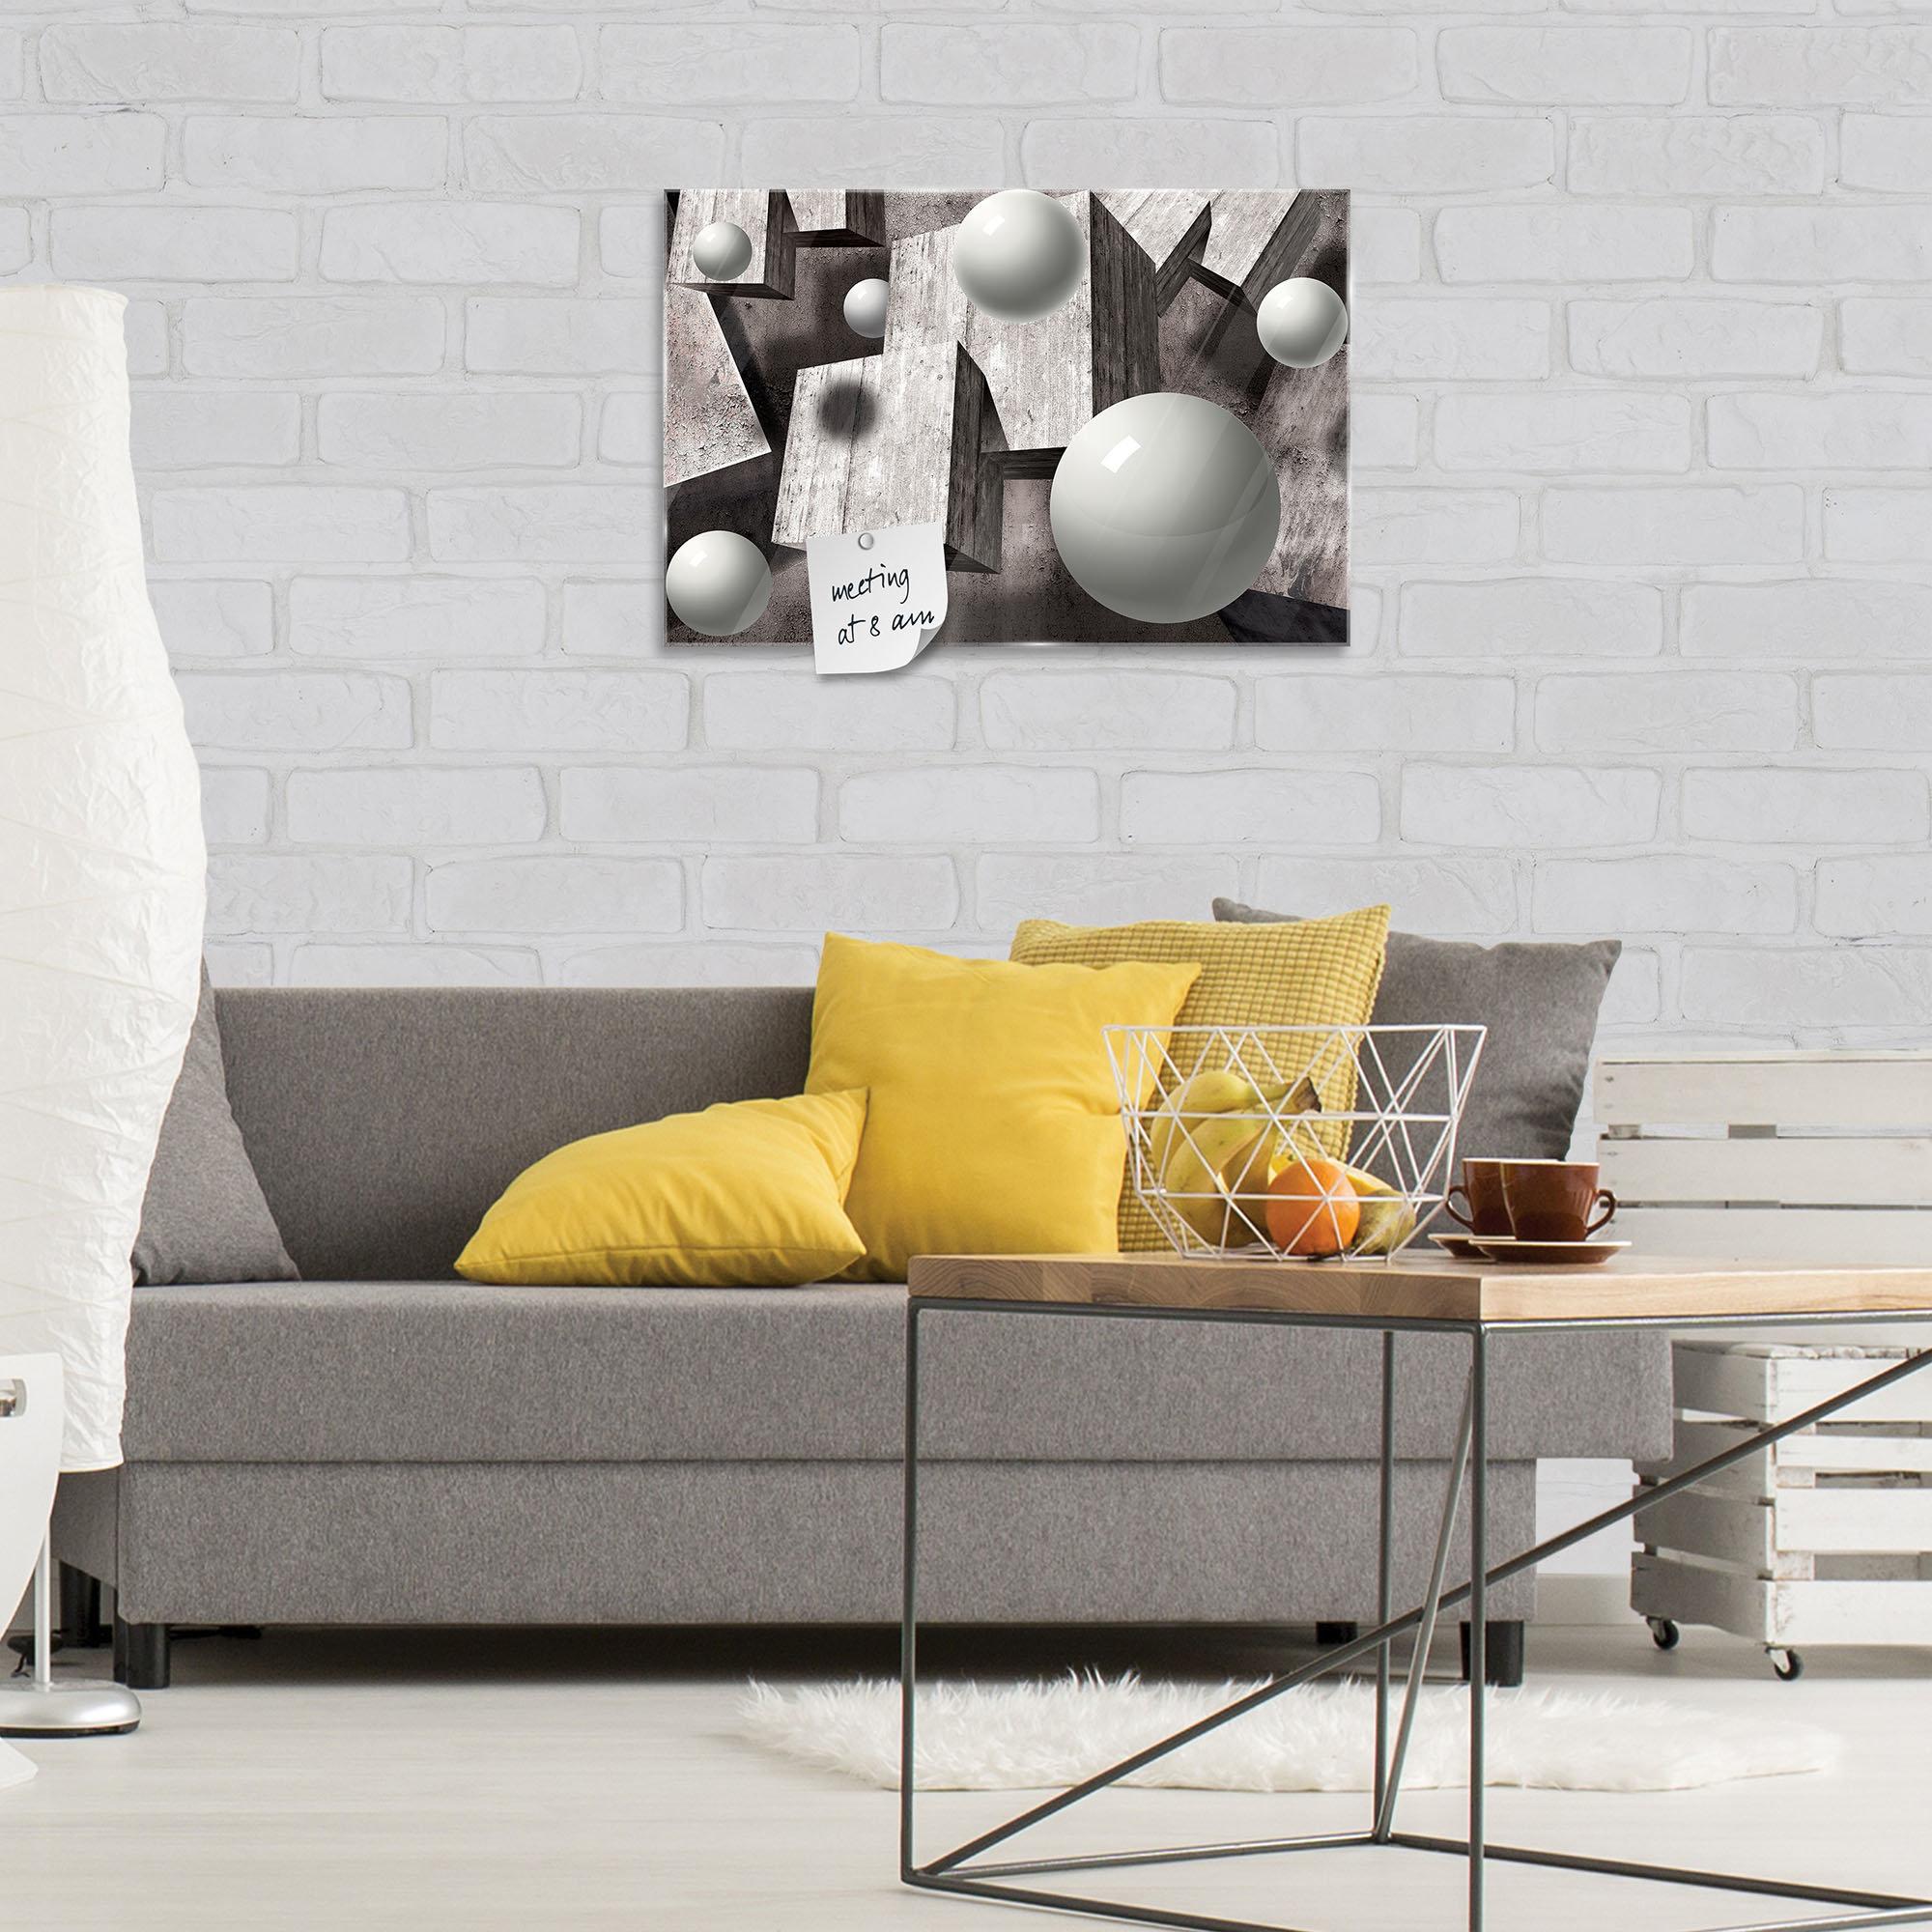 glas magnettafel mit grauen geometrischen objekten. Black Bedroom Furniture Sets. Home Design Ideas